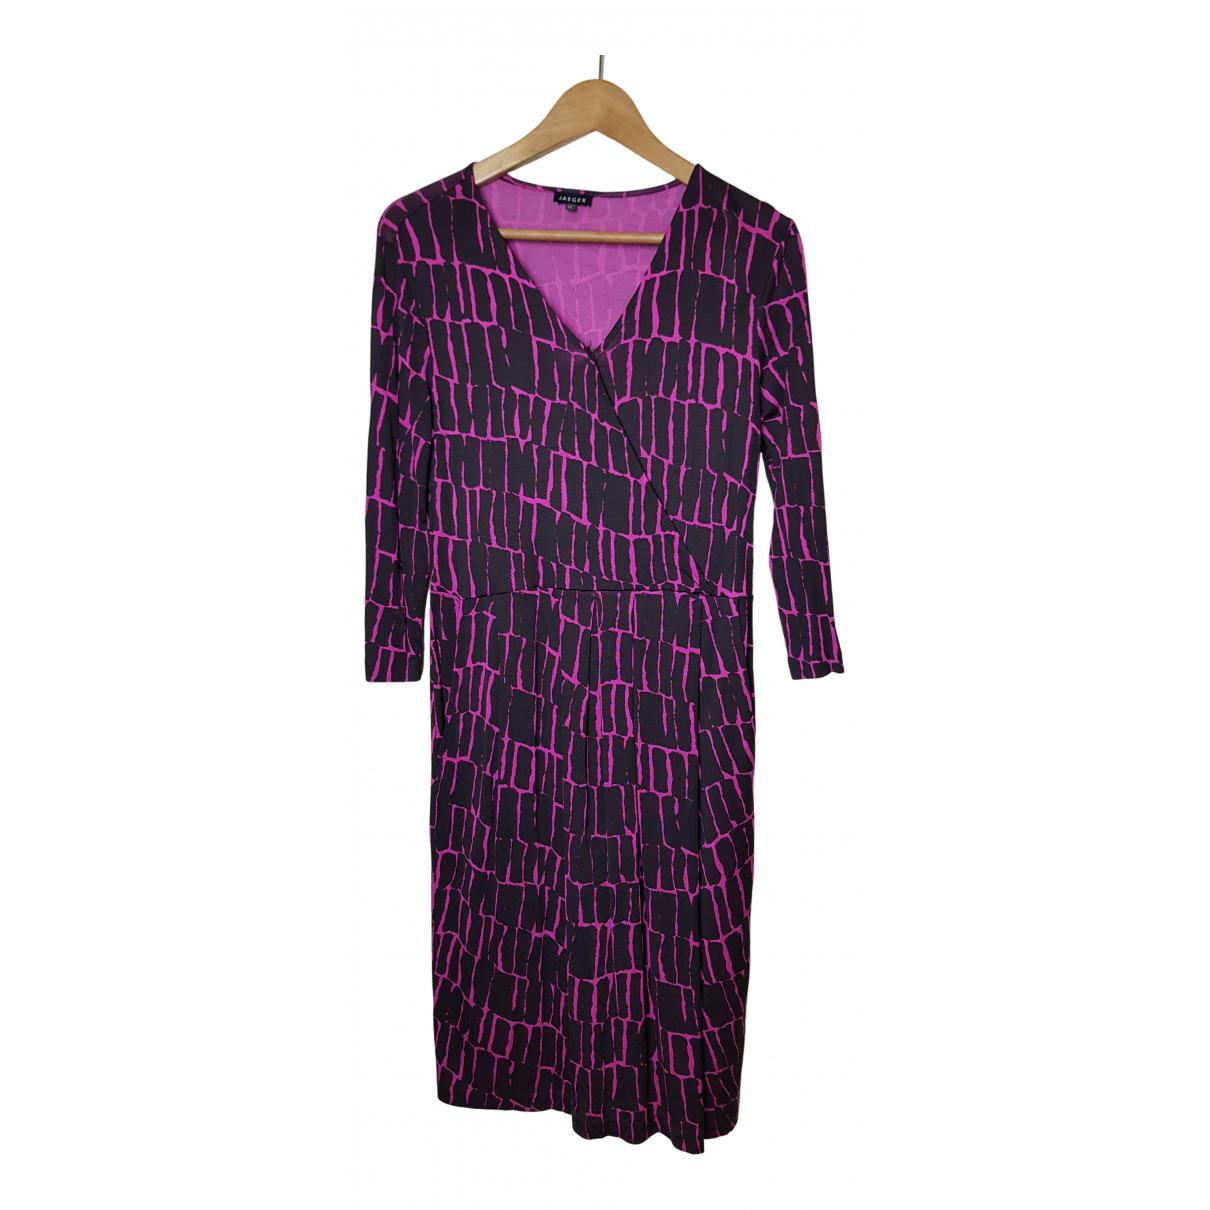 Jaeger \N Kleid in  Lila Viskose